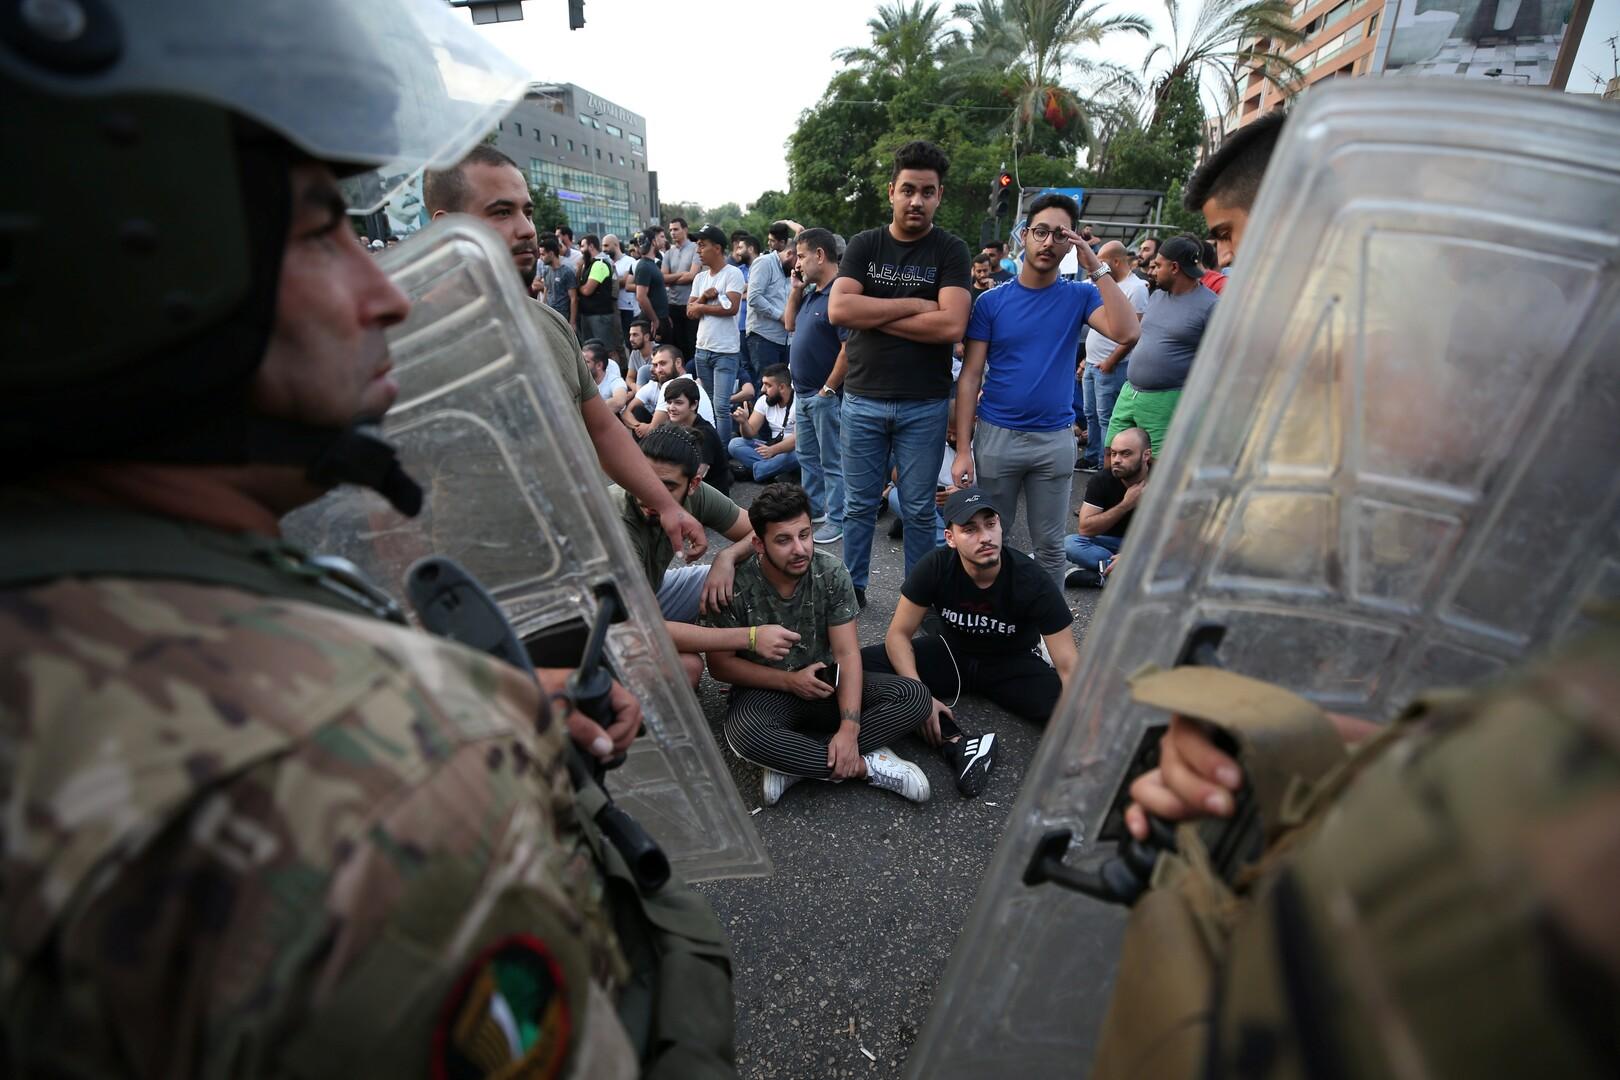 لبنان.. الاحتجاجات تنعكس سلبا على الوضع الاقتصادي